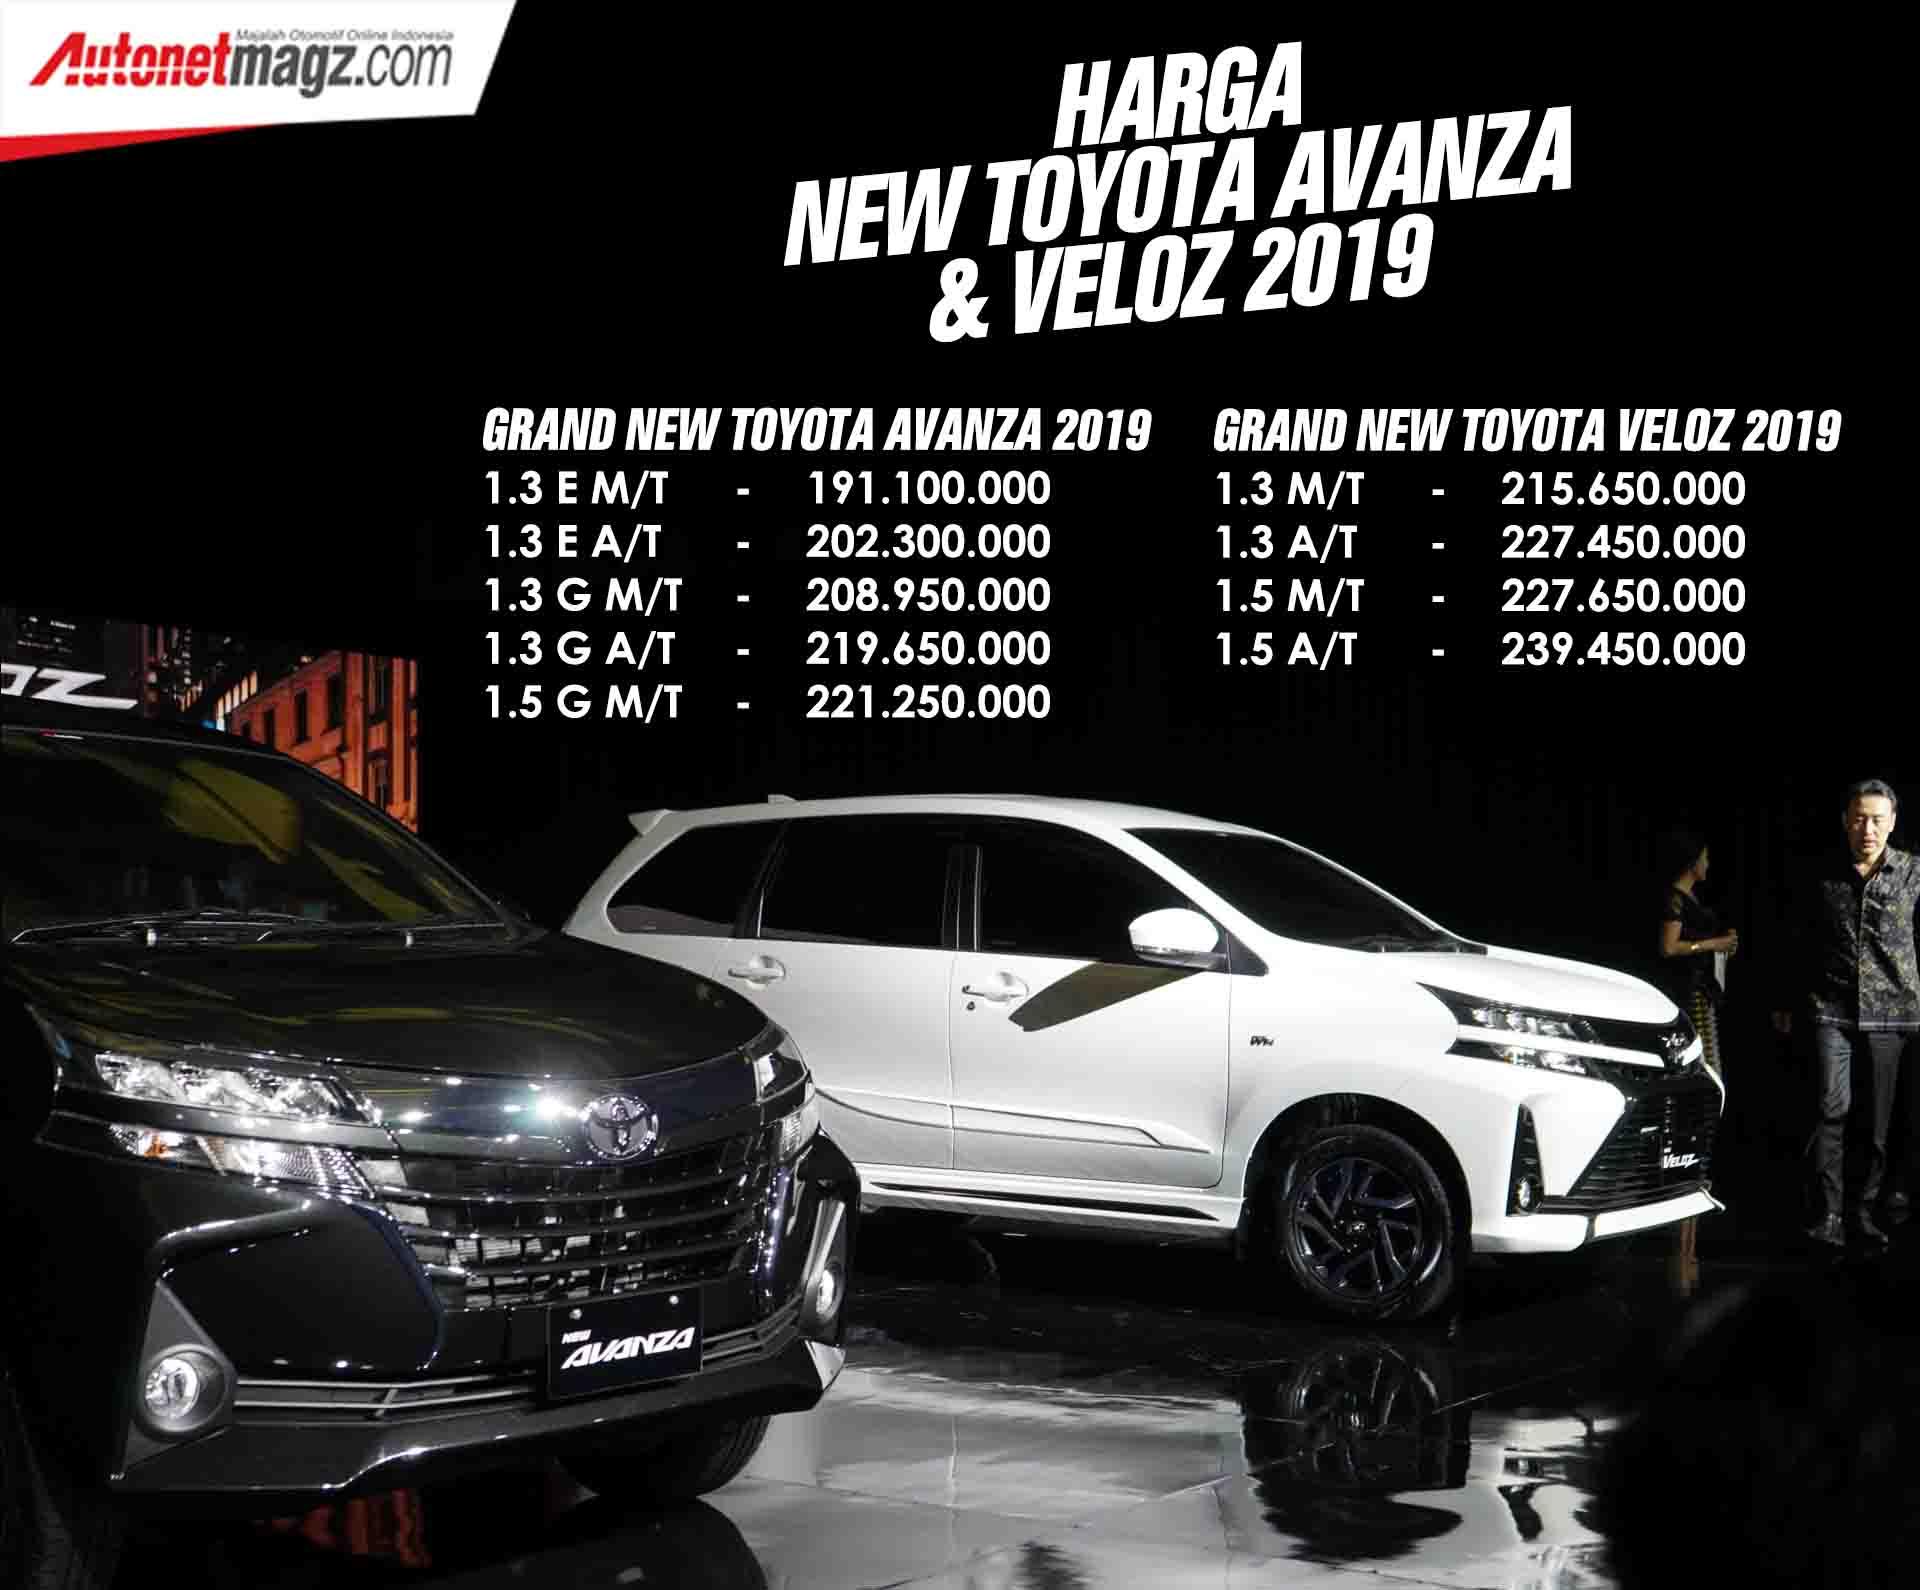 Kelebihan Kekurangan Harga All New Avanza 2019 Tangguh